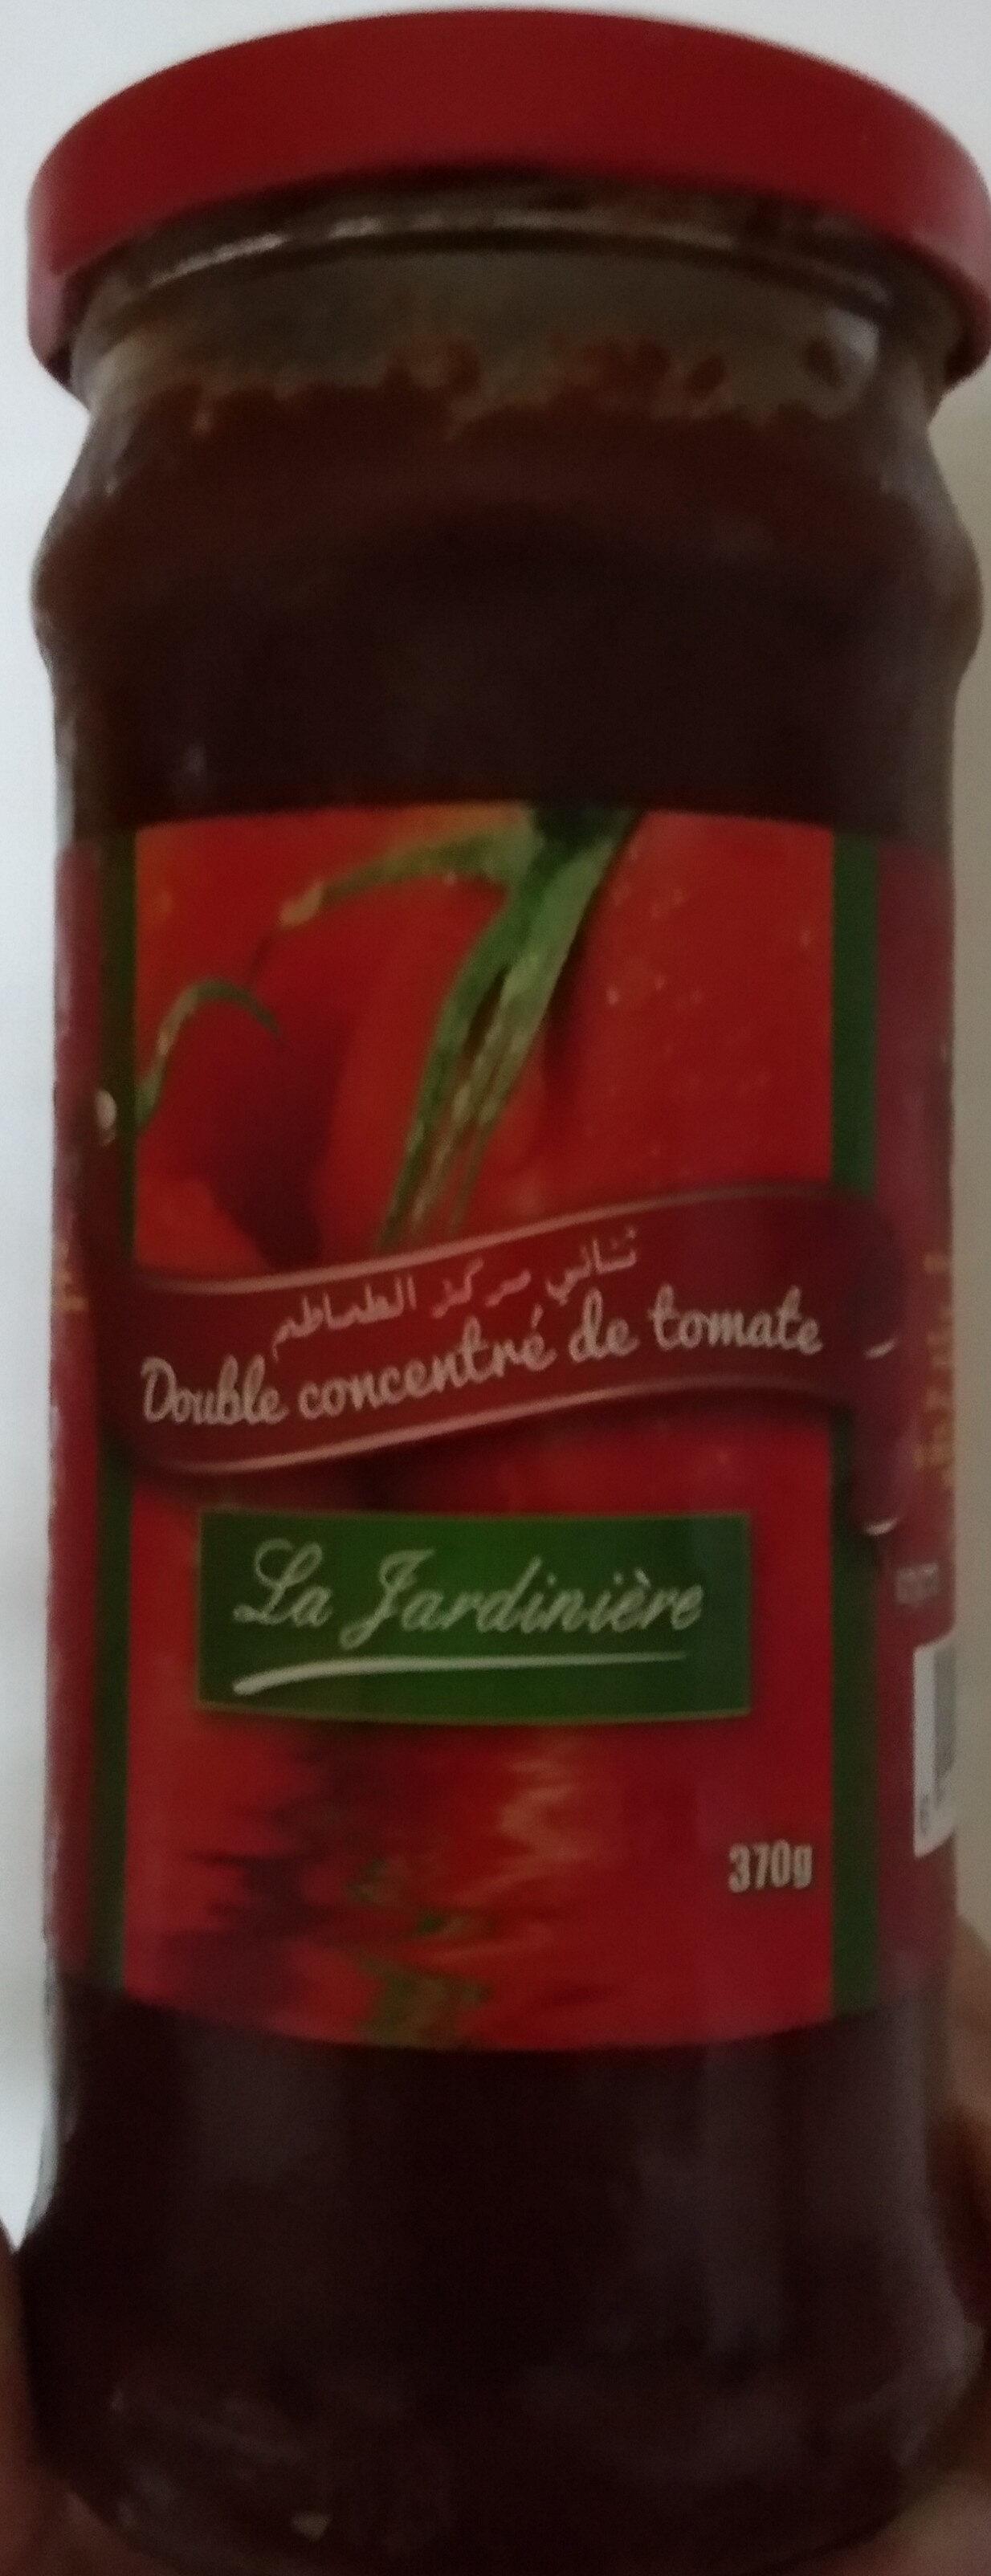 Double concentré de tomate - Produit - fr